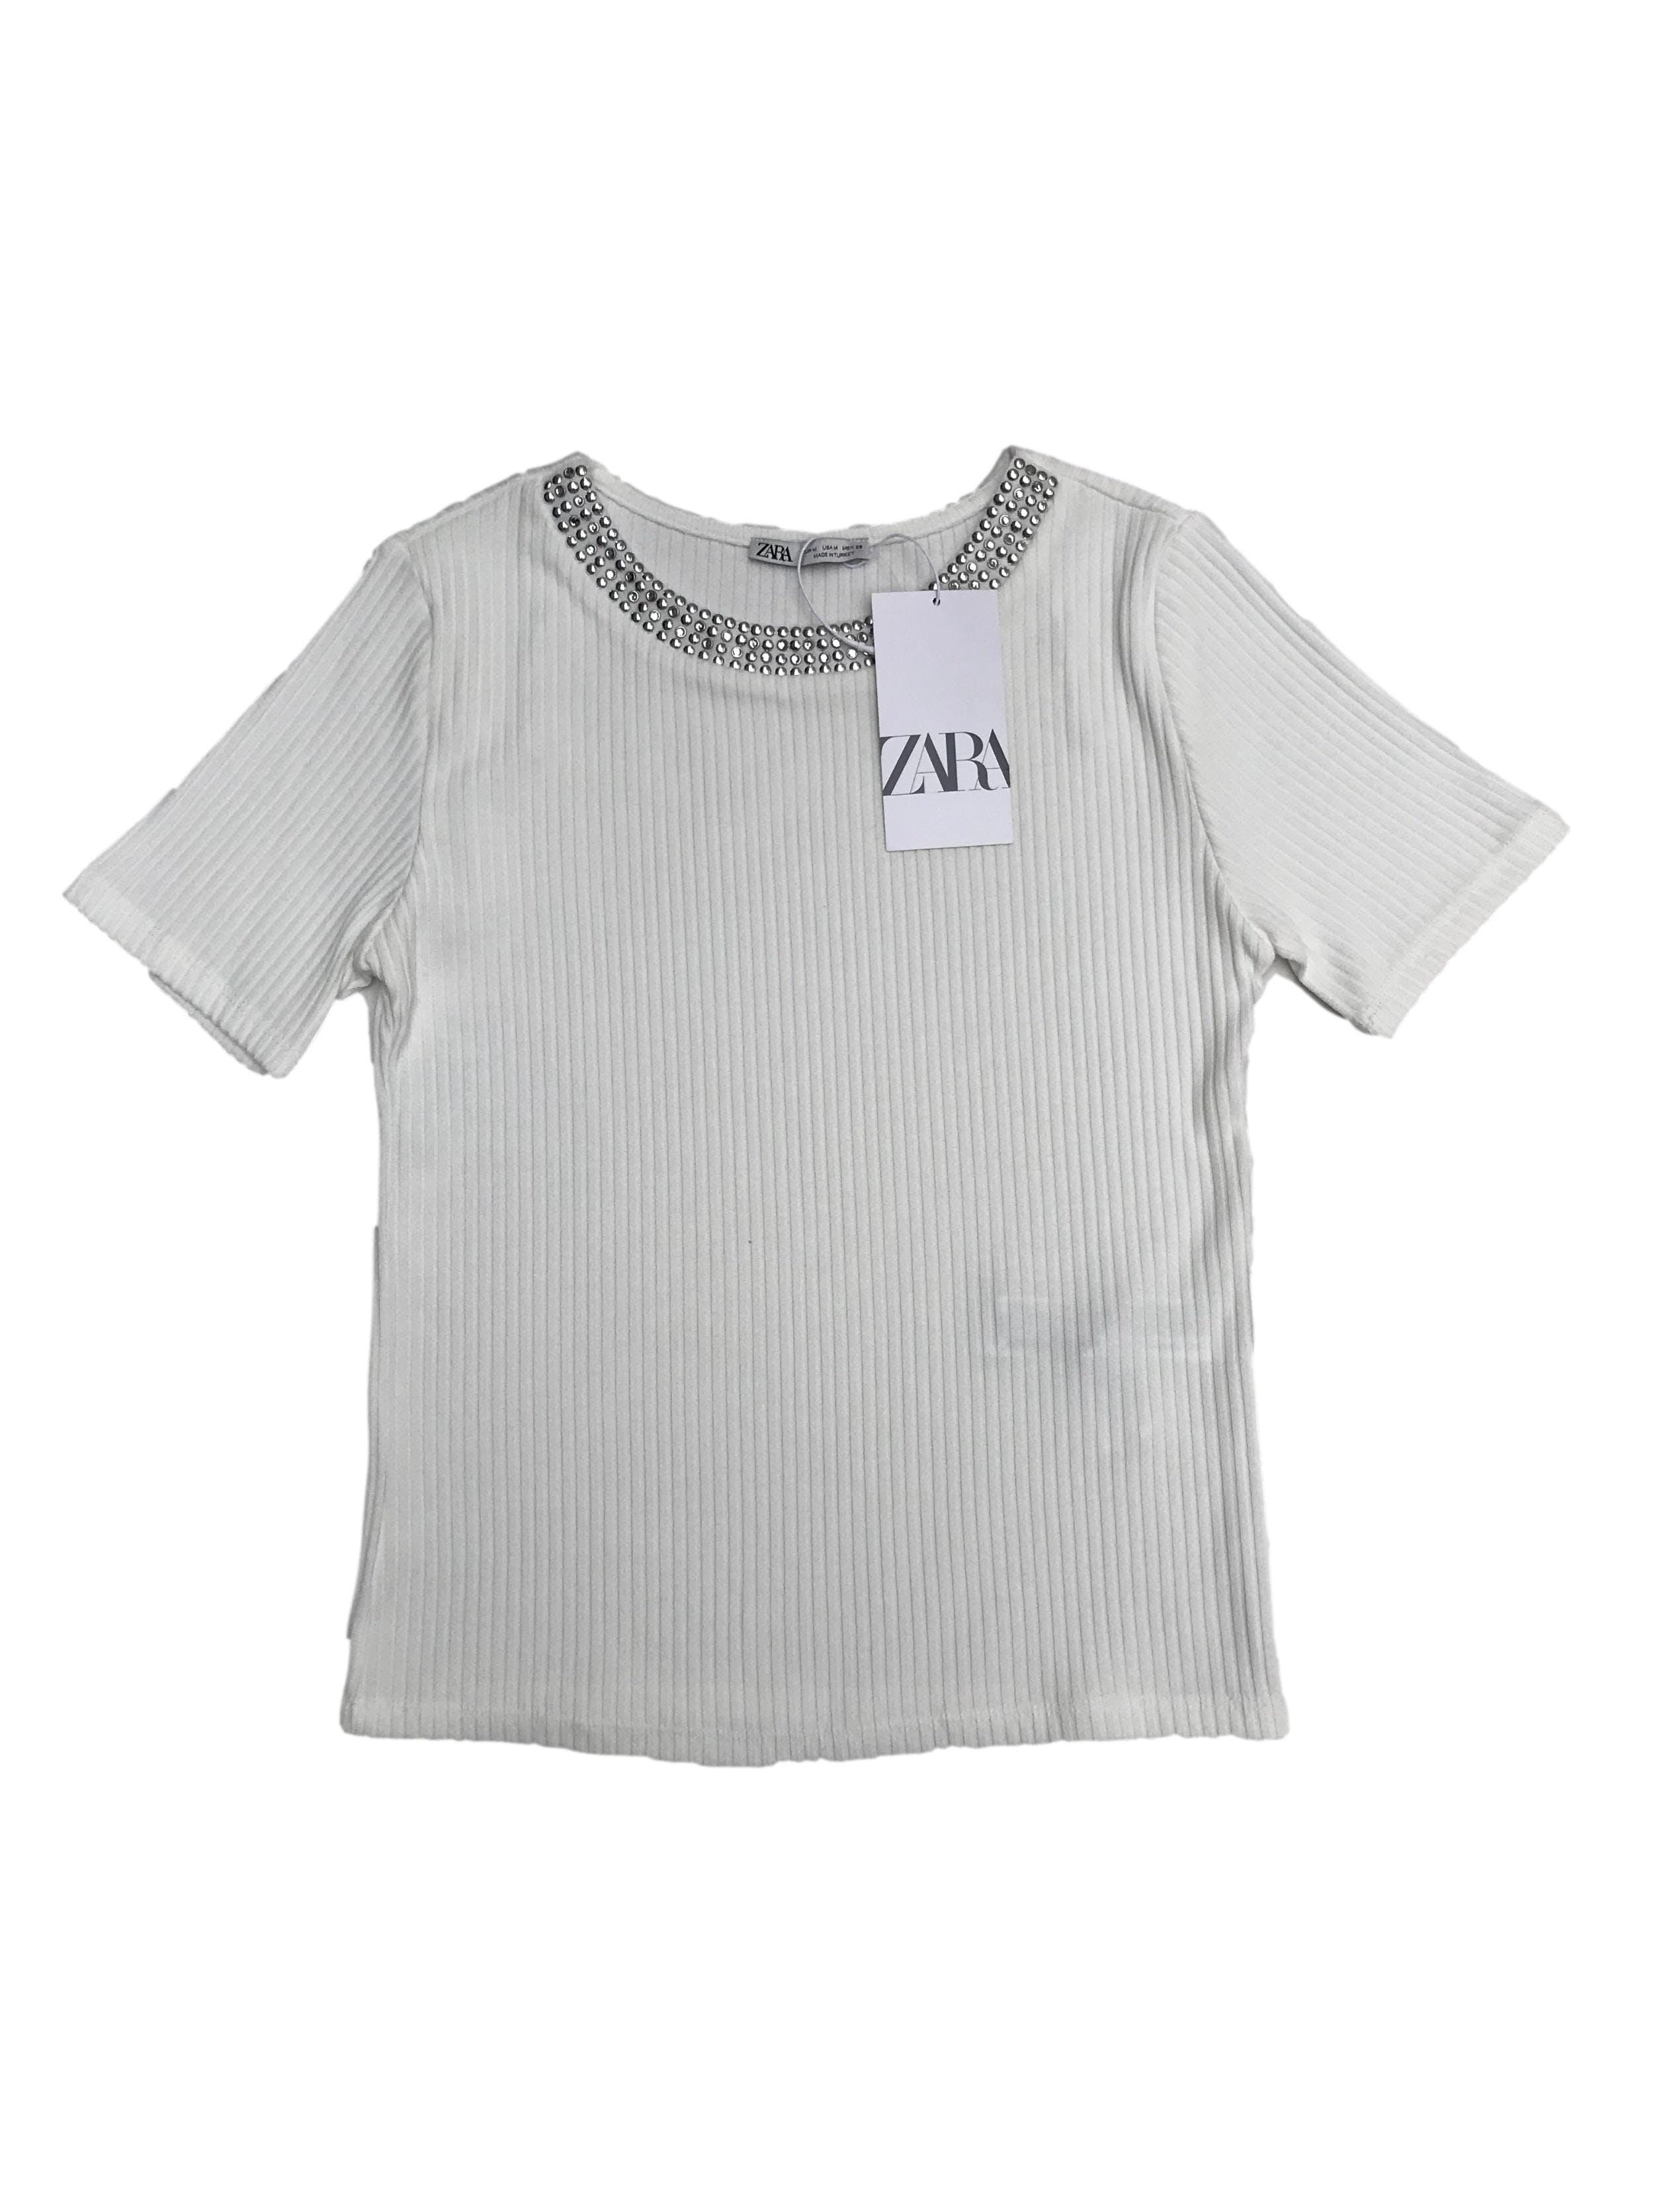 Polo canalé Zara con aplicaciones en el cuello. Nuevo con etiqueta